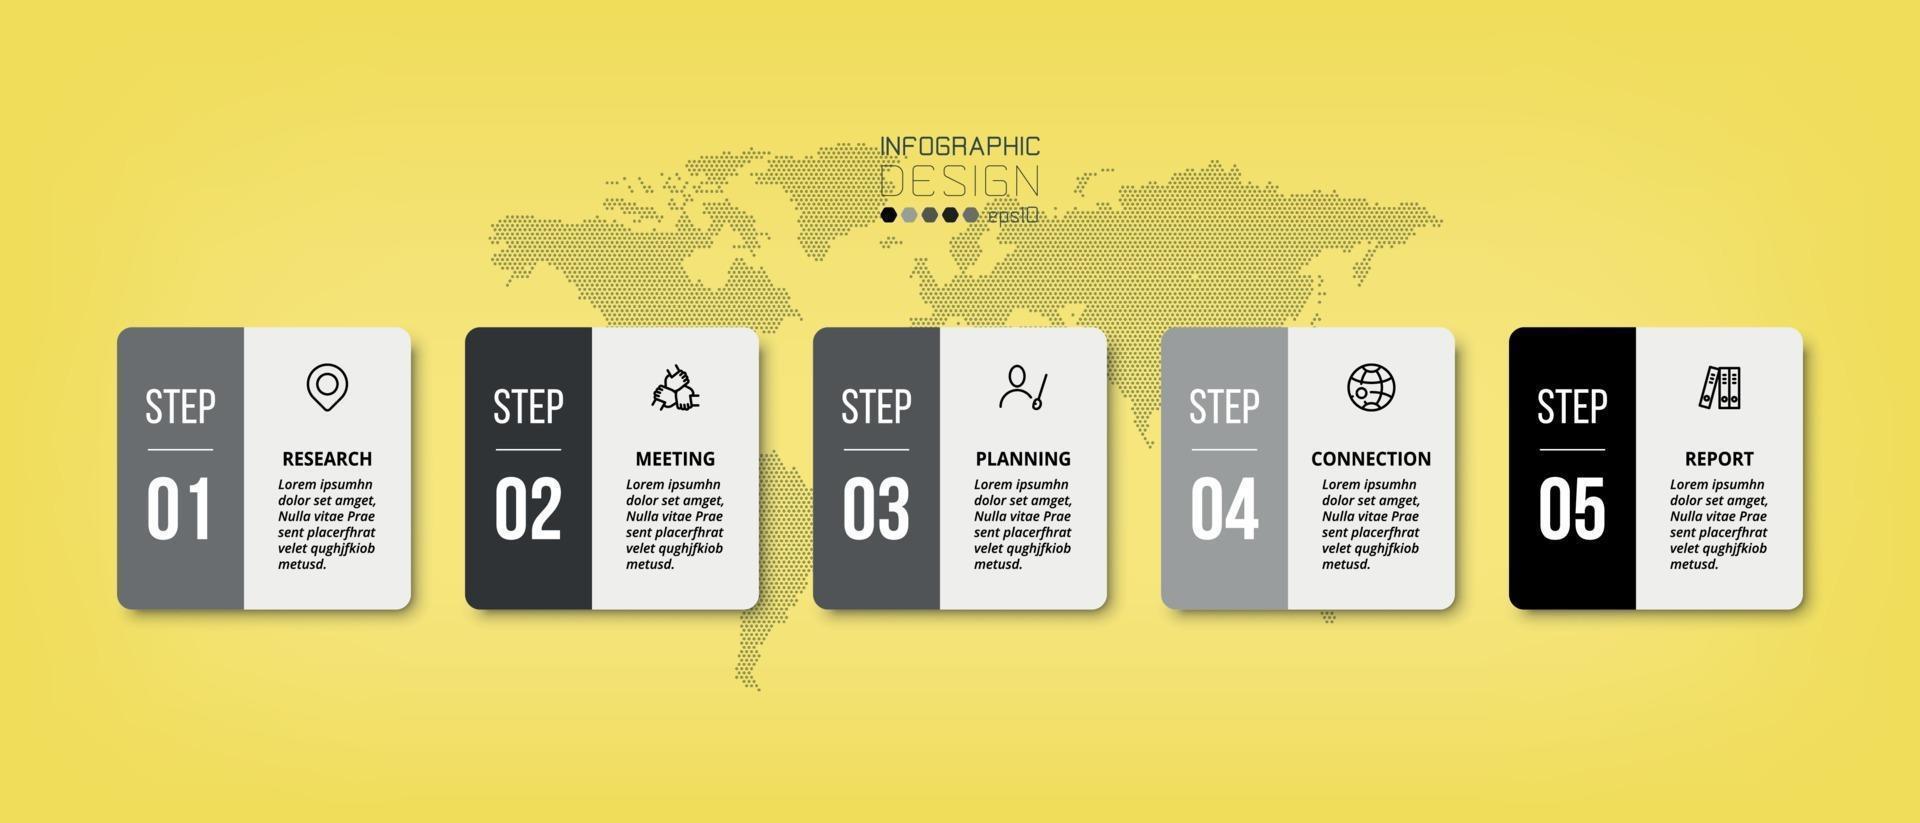 diseño cuadrado, 5 flujos de trabajo. se puede utilizar para planificar el trabajo, presentar resultados e informar resultados relacionados con el negocio o el marketing. vector